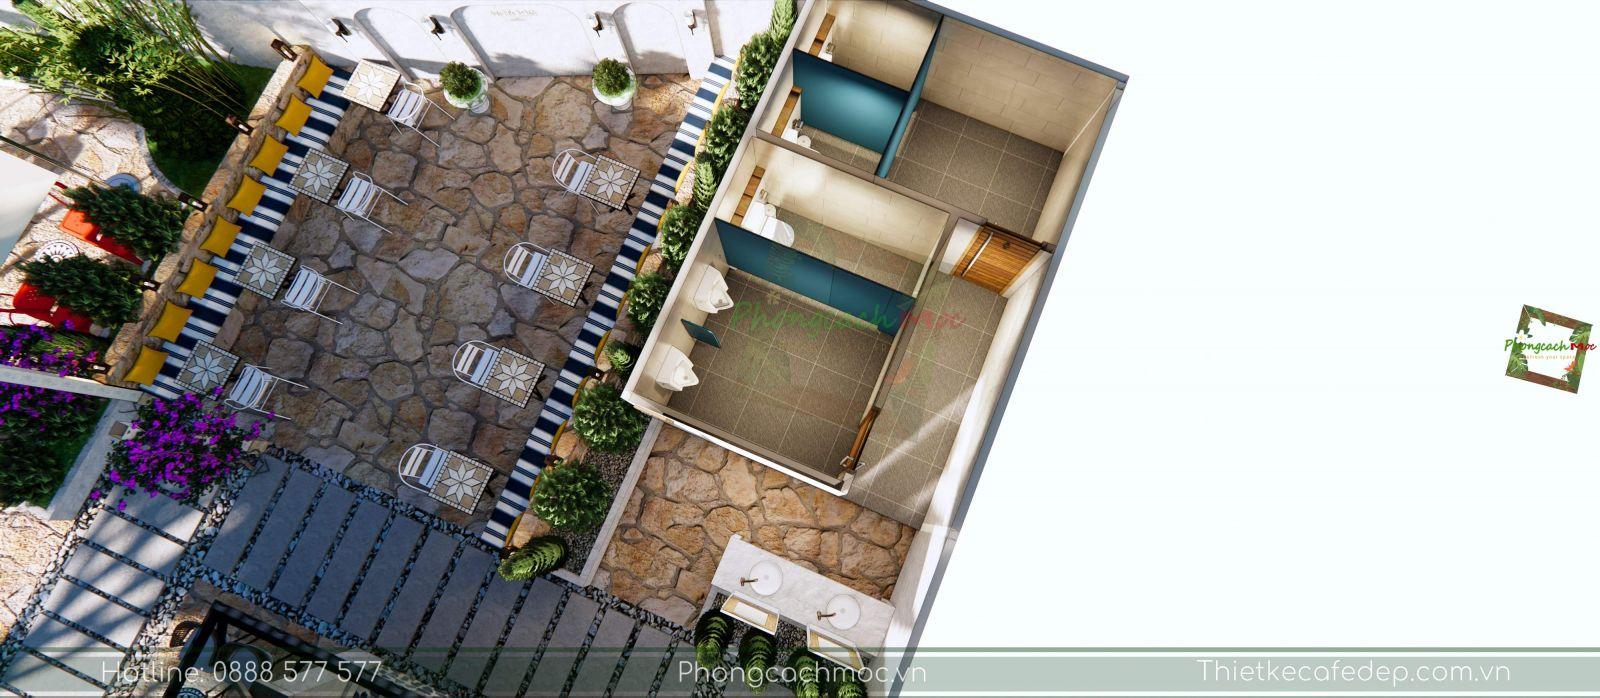 thiết kế quán cafe layout phân khu chức năng